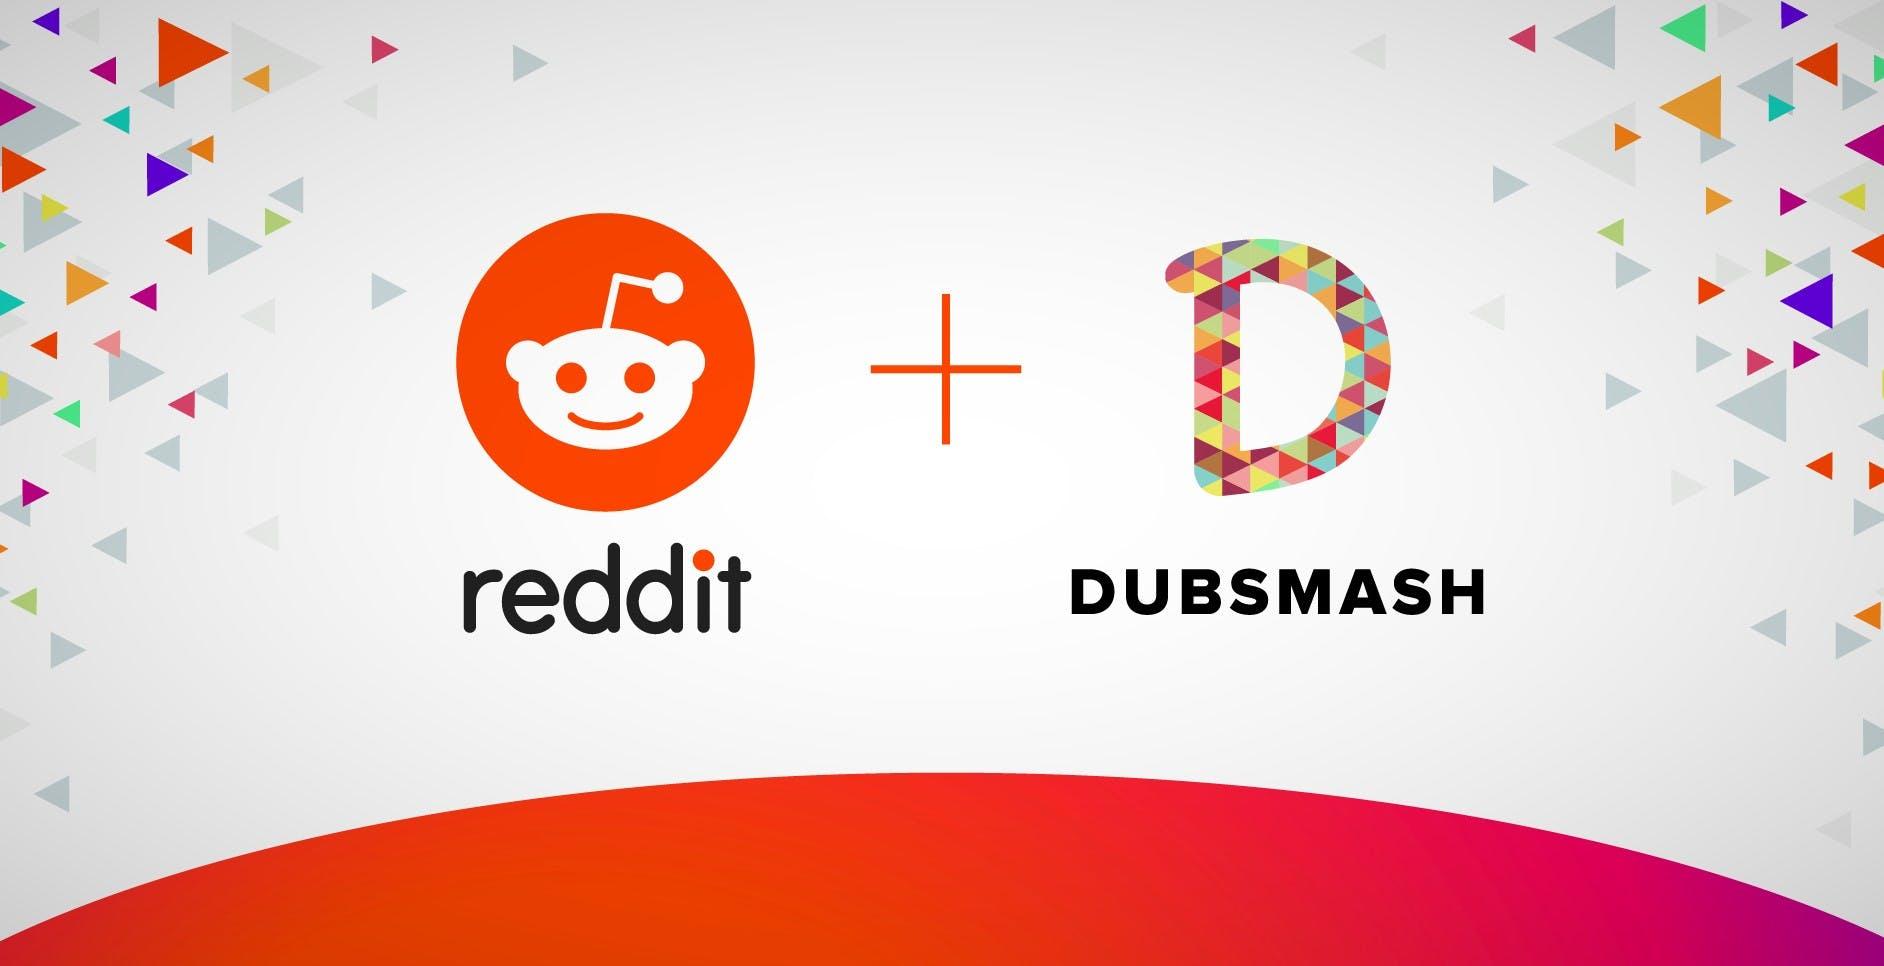 Dubsmash passa a Reddit: venduto il rivale di TikTok